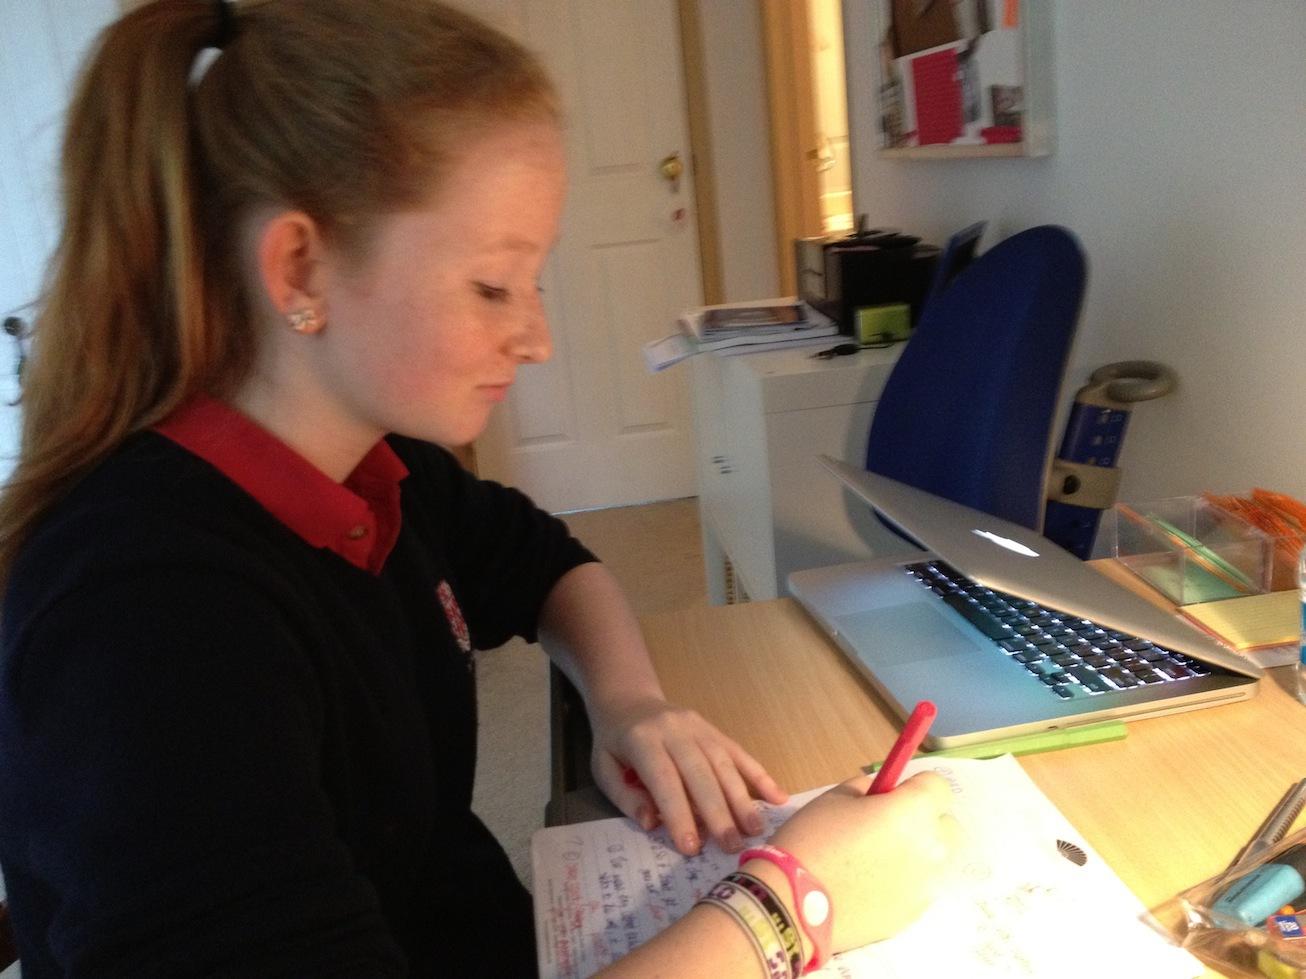 Dulwich student Chiara